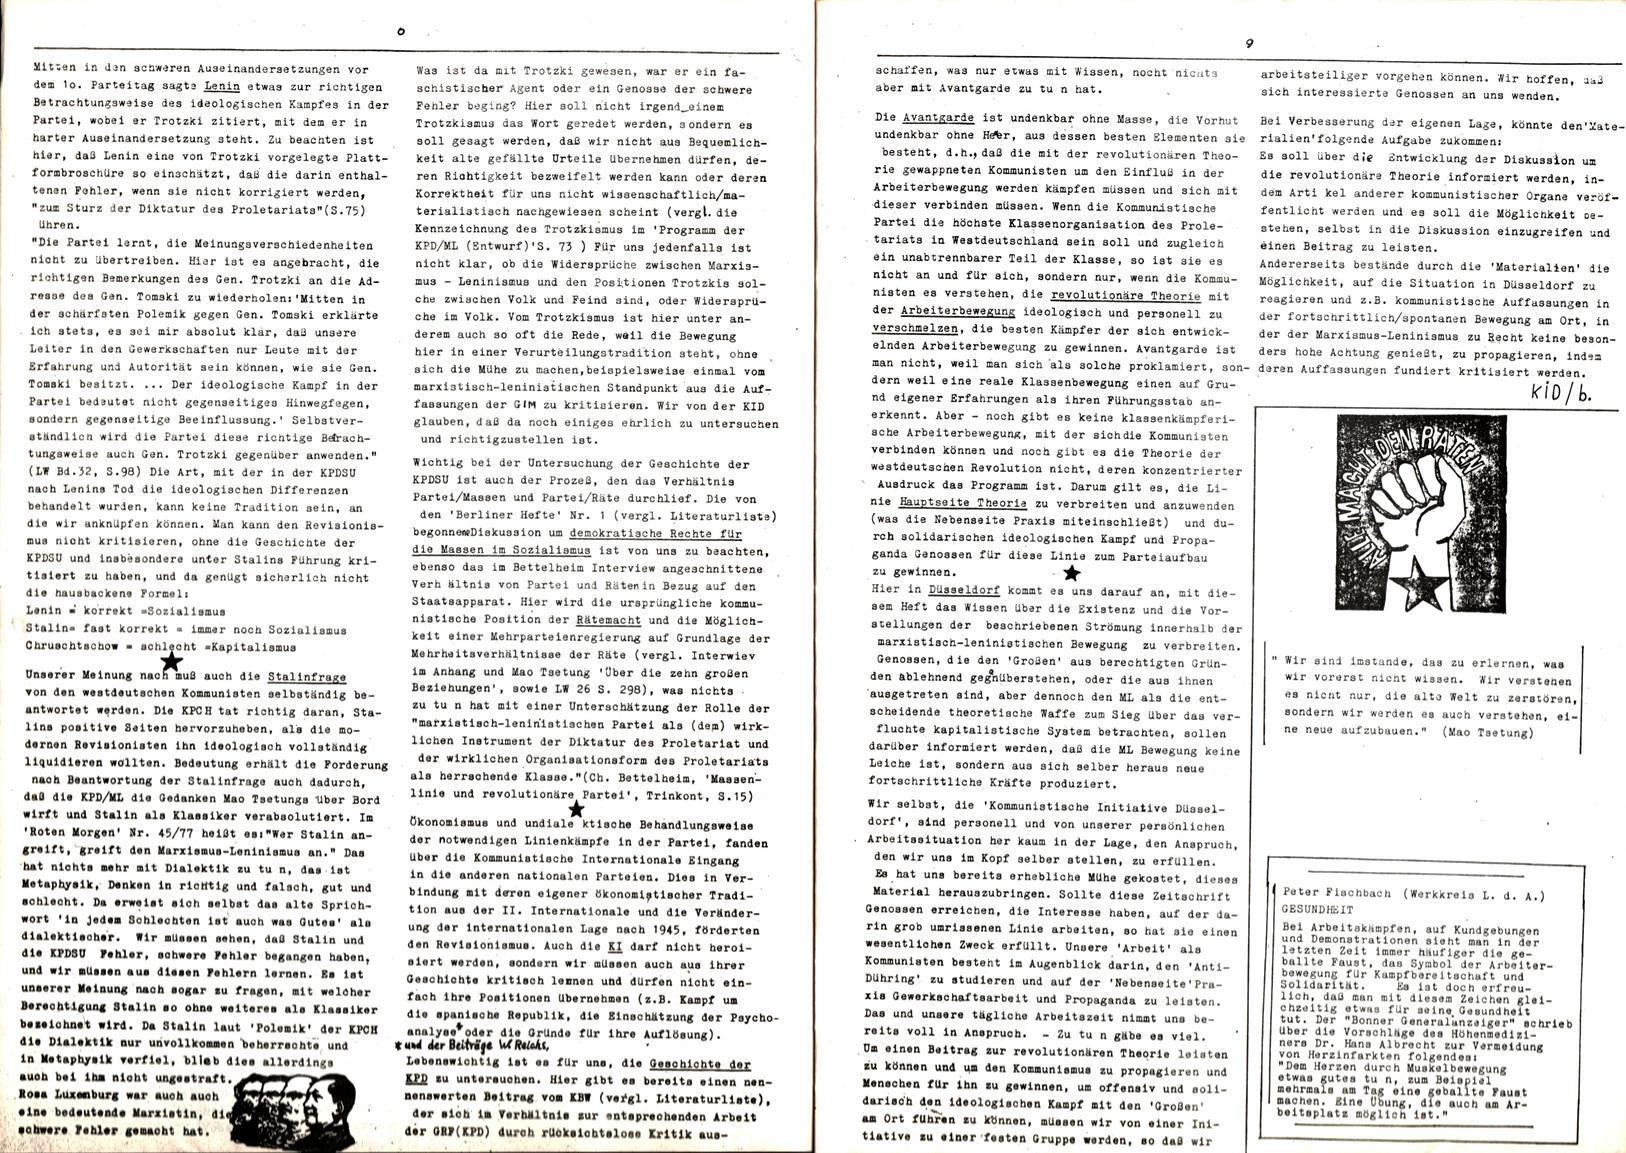 Duesseldorf_KID_Materialien_19780700_005